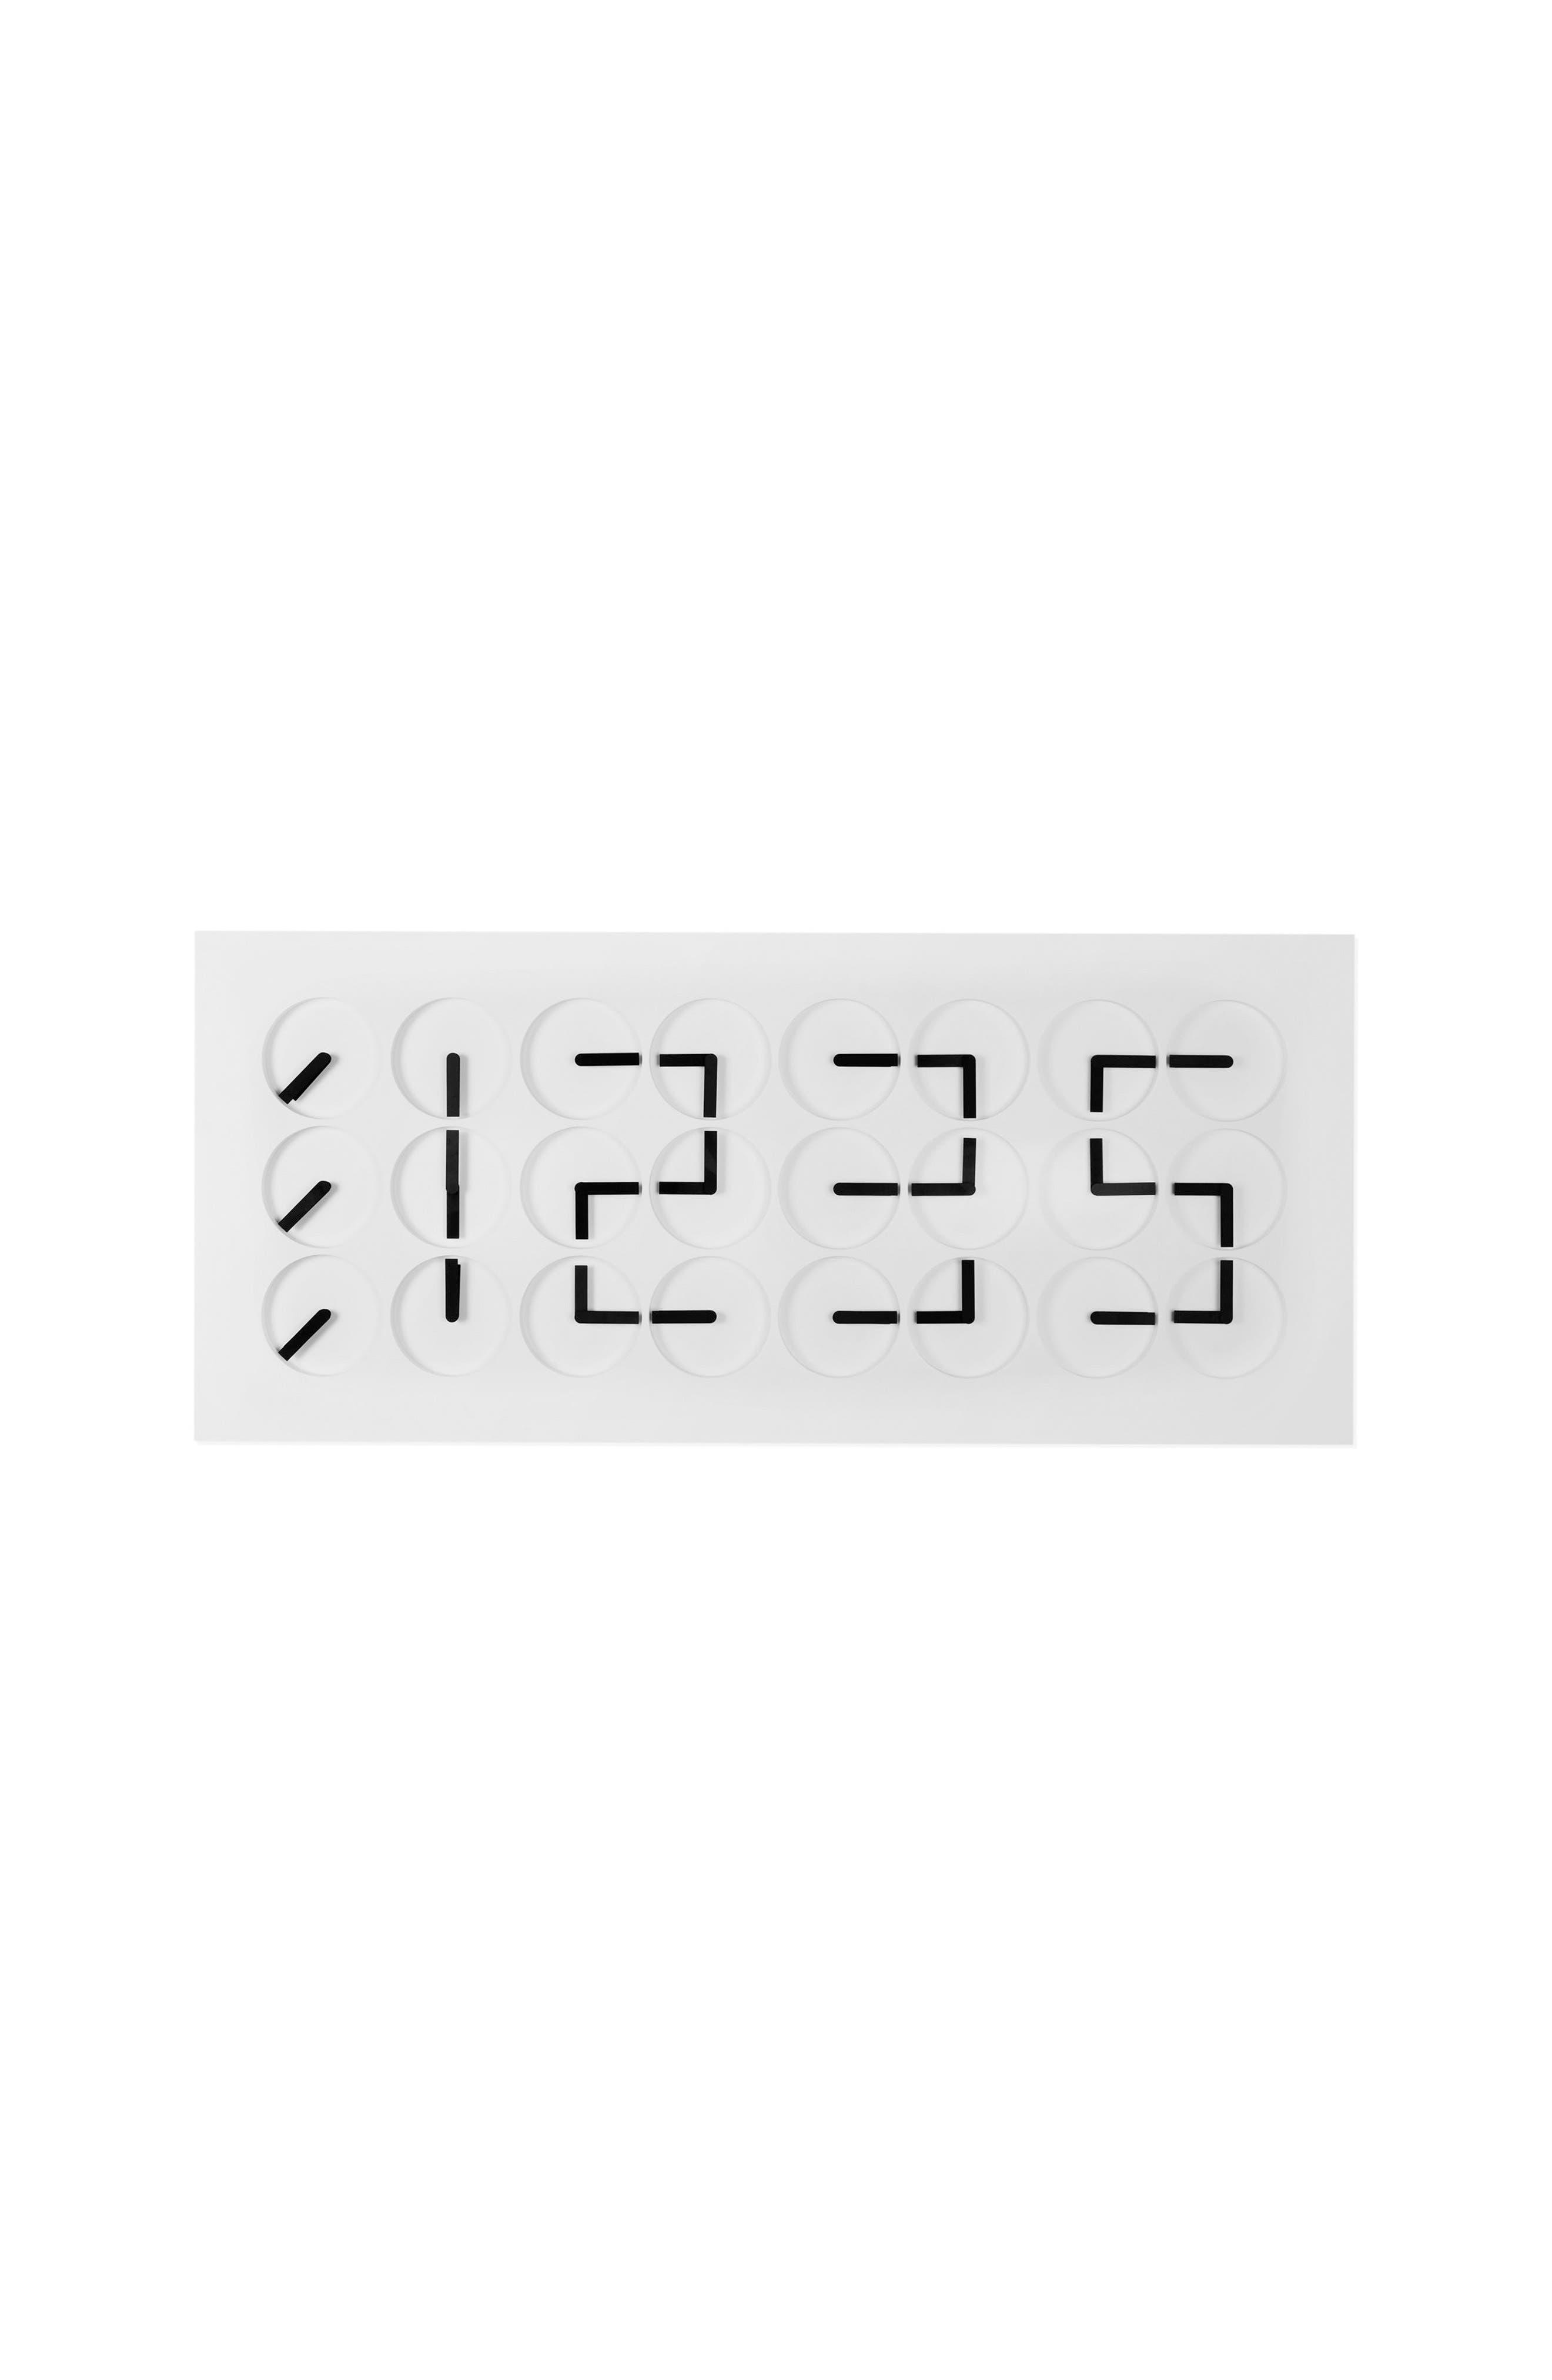 ClockClock 24 Digital Clock,                             Alternate thumbnail 4, color,                             100